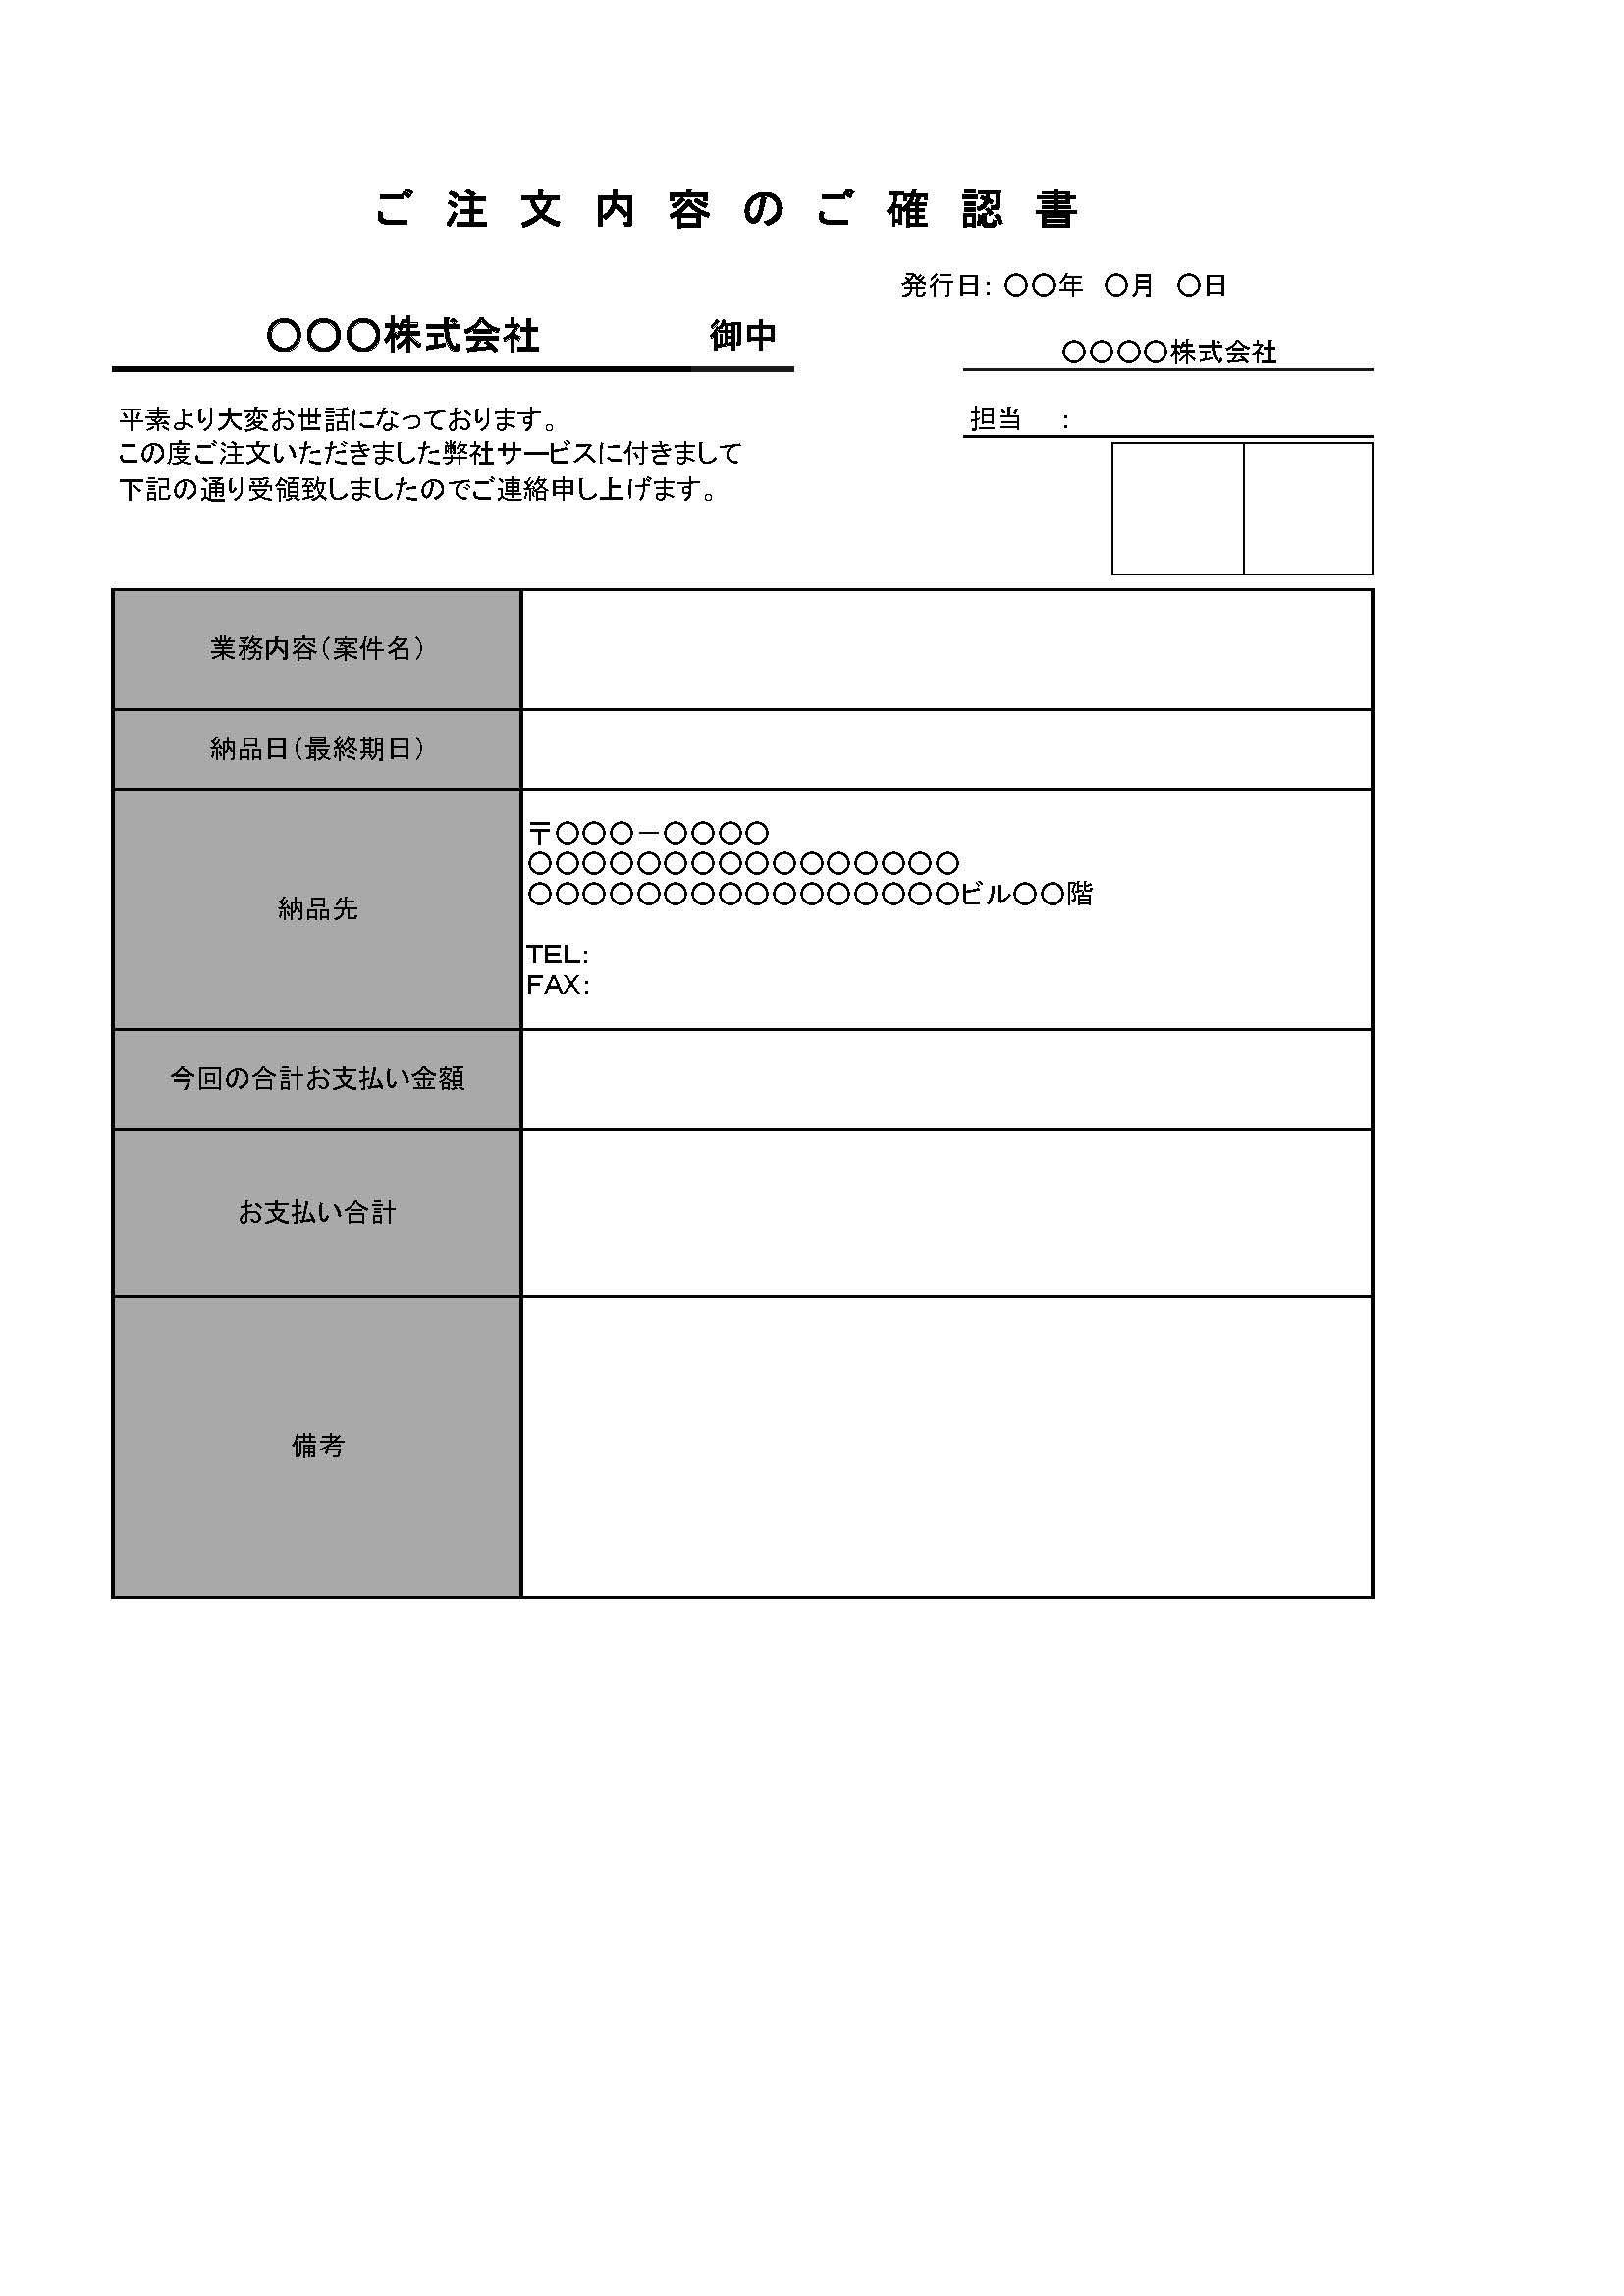 在職 証明 書 在職証明書 - ocma.ne.jp